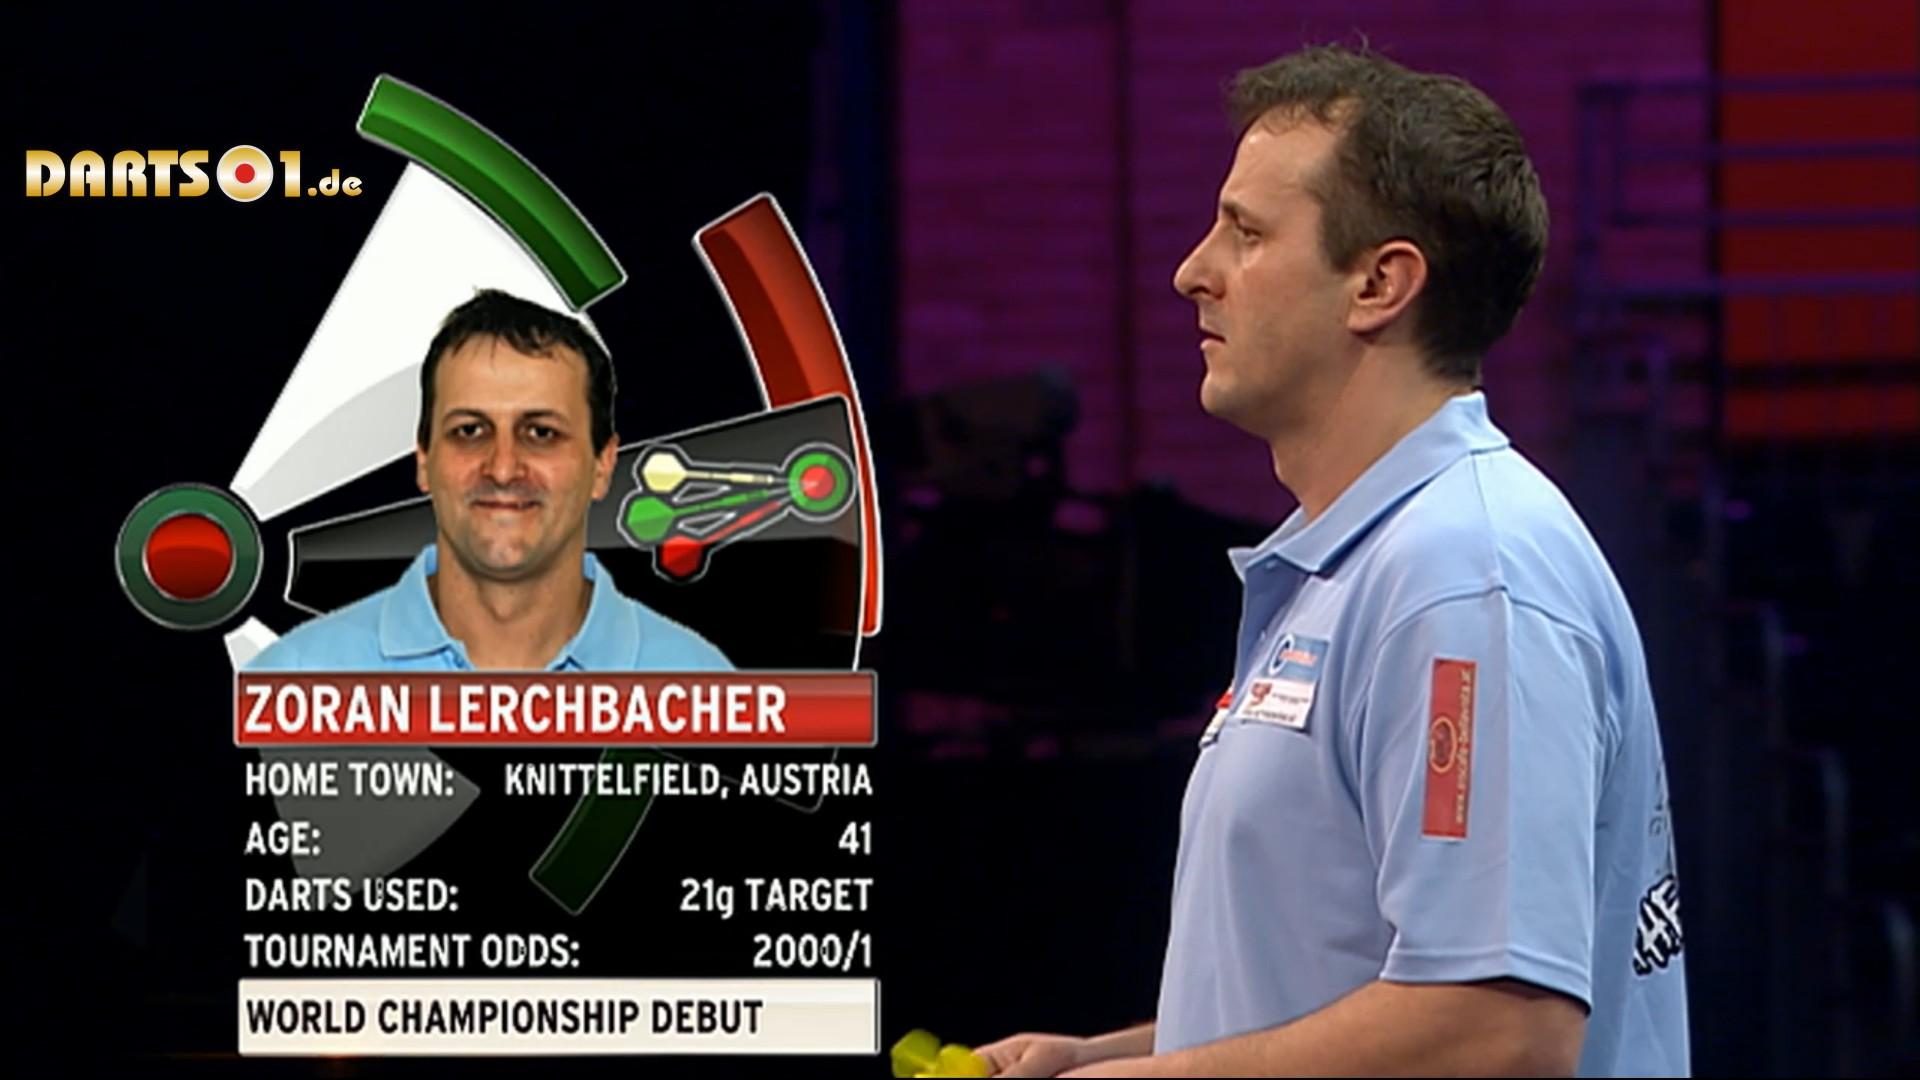 lerchbacher